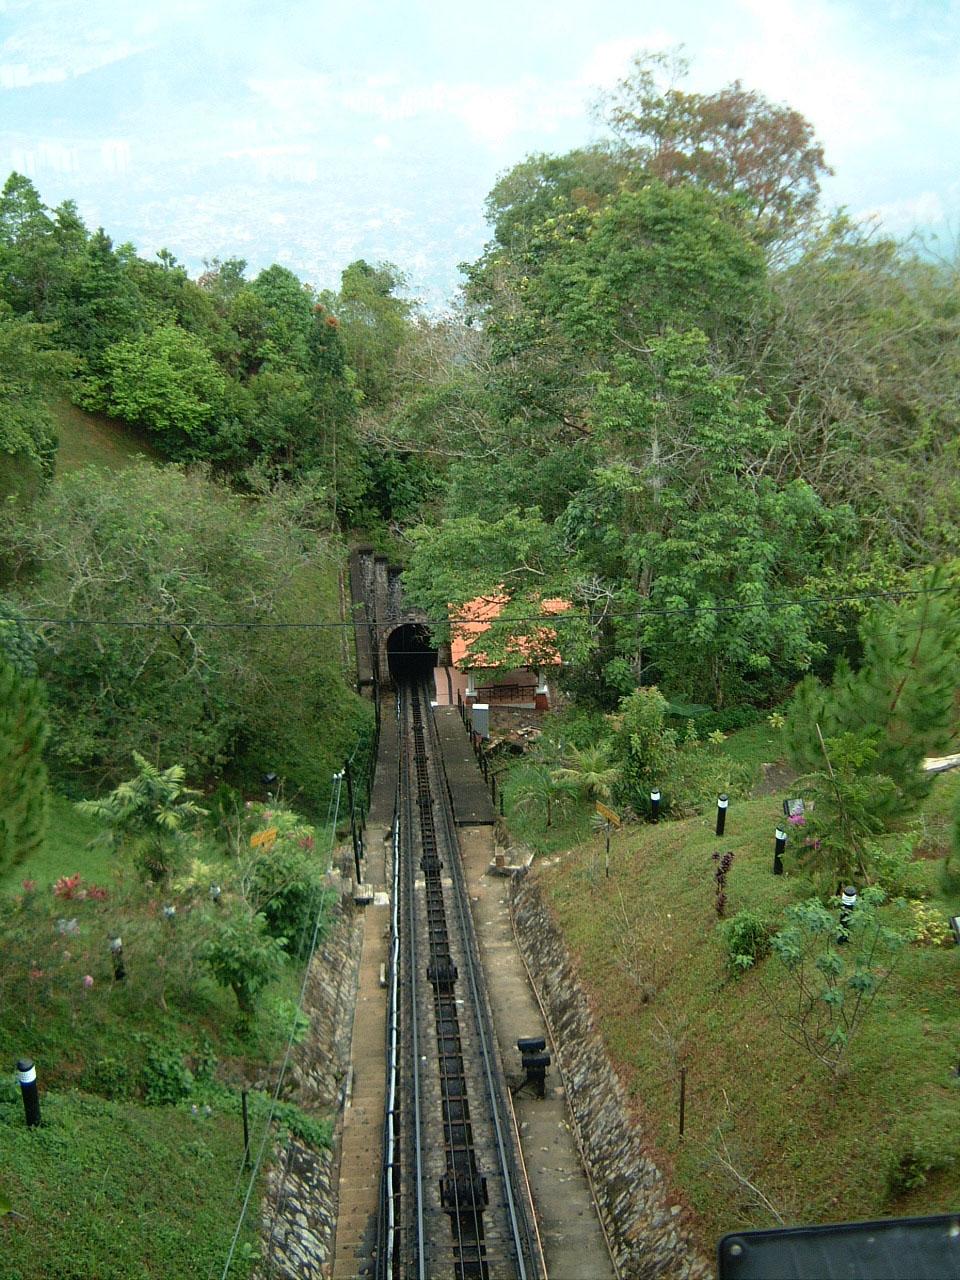 Penang Hill Bukit Bendera Railway Mar 2001 02